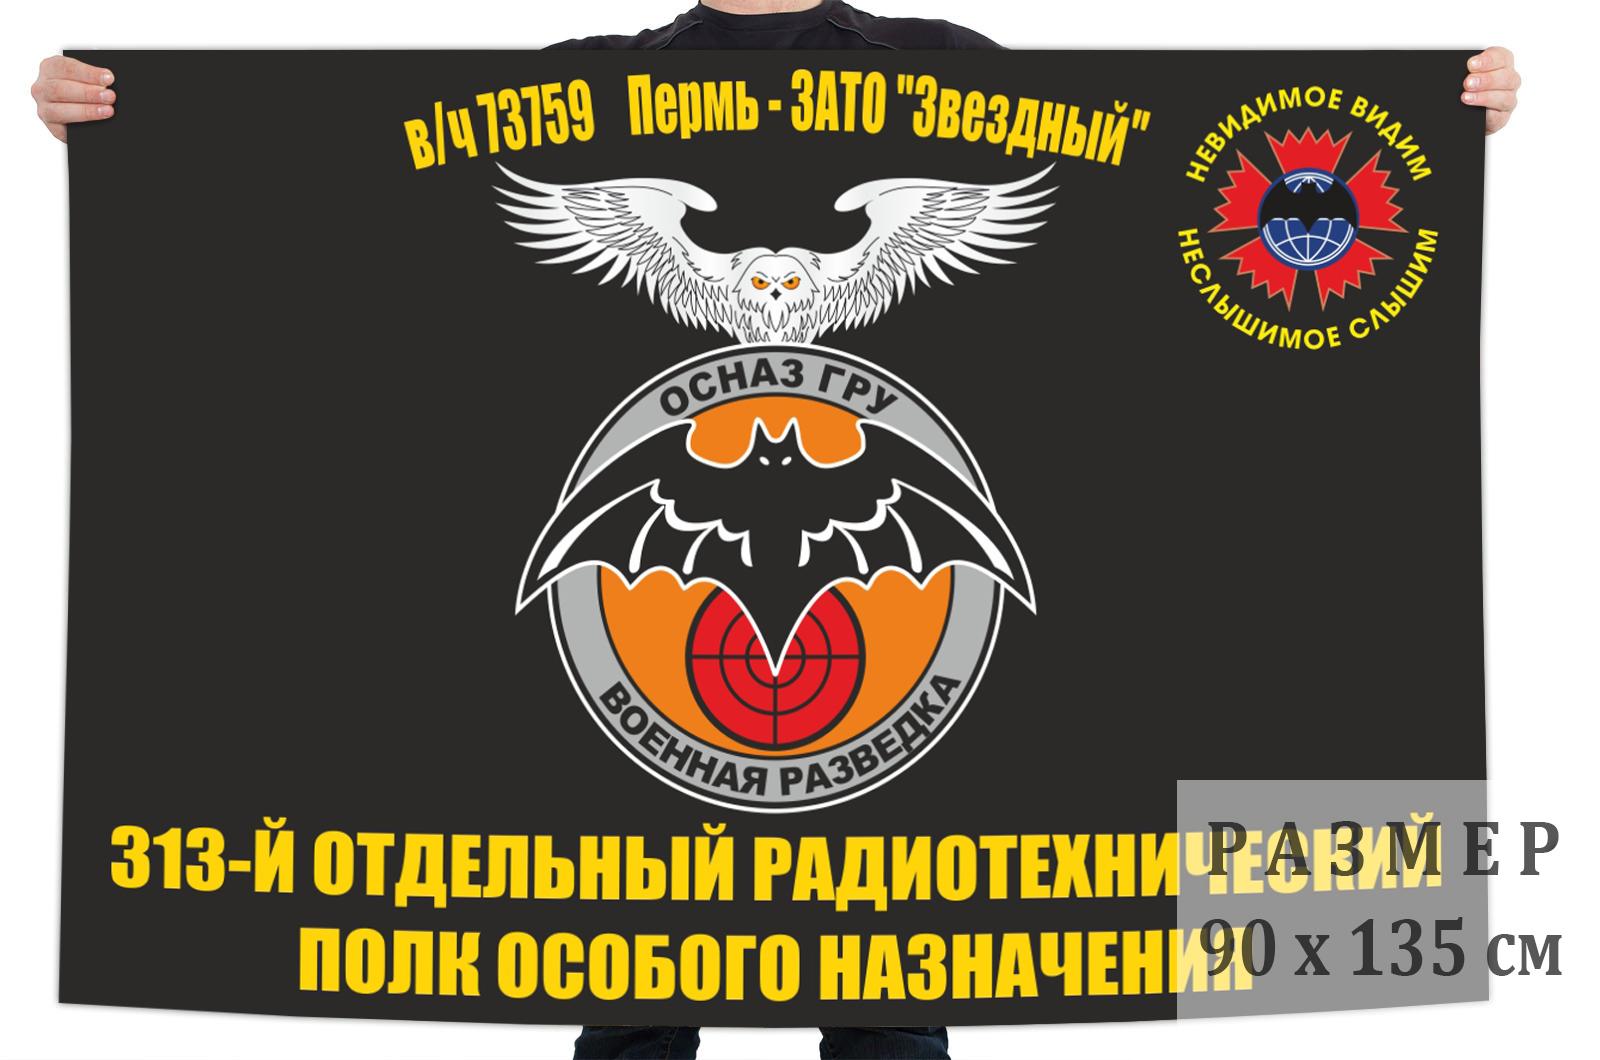 Флаг 313 отдельного радиотехнического полка особого назначения ГРУ